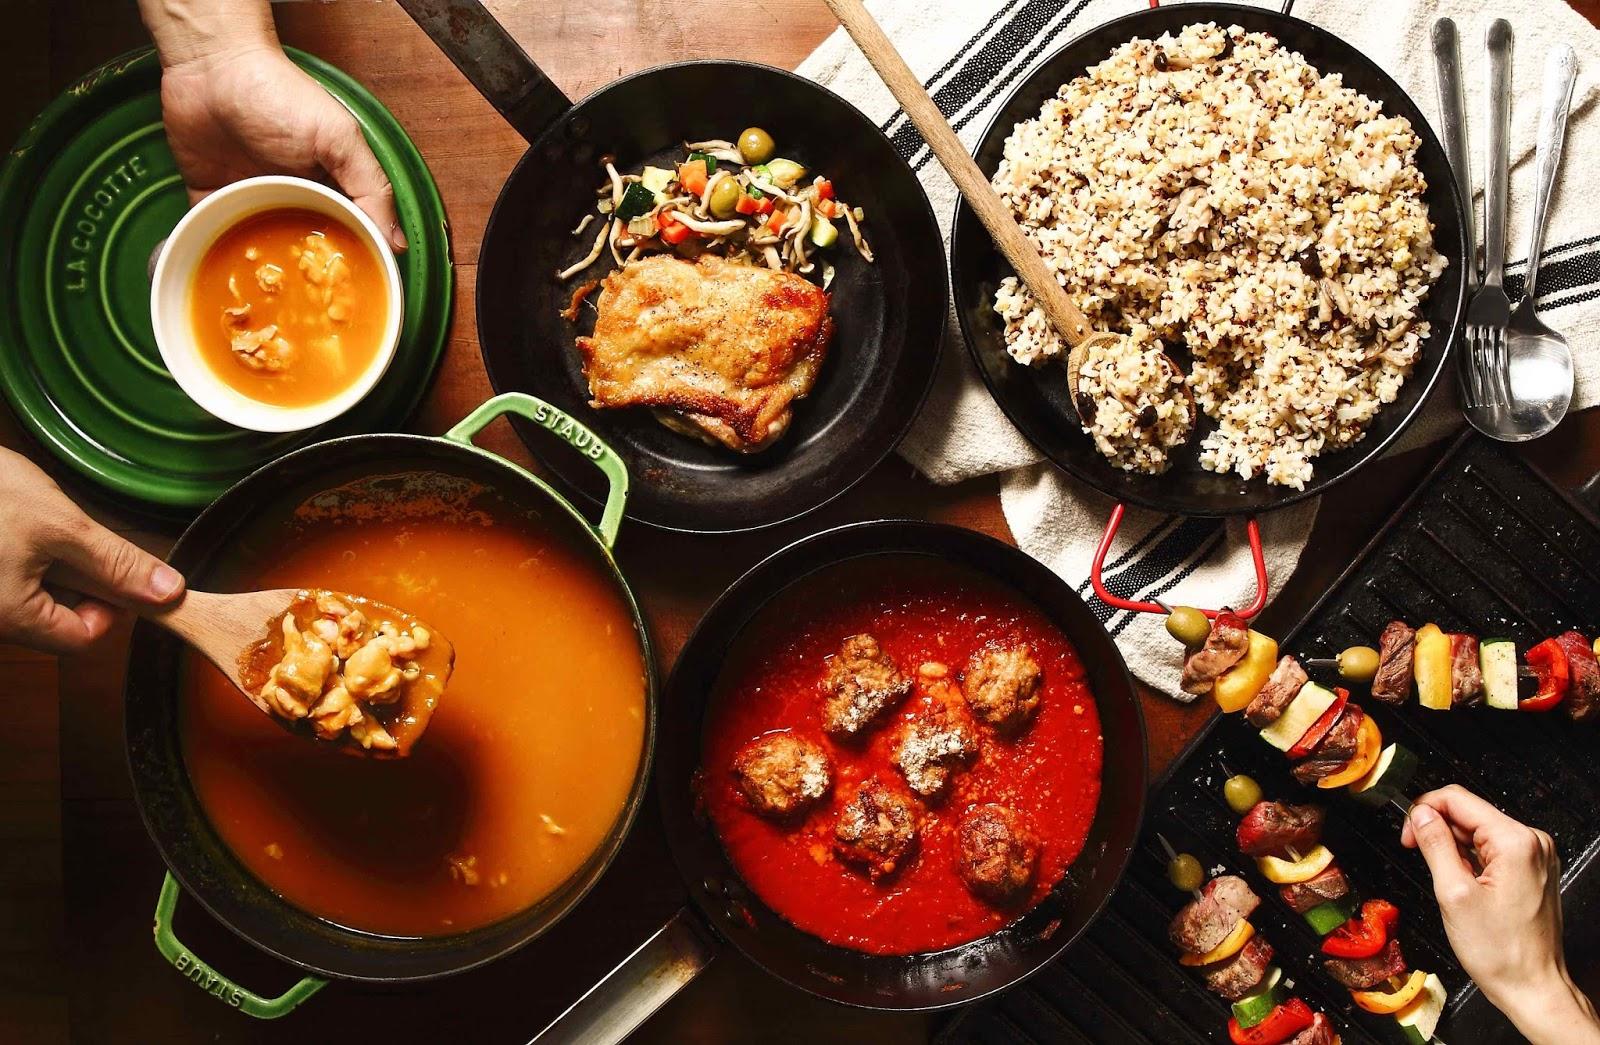 好吃企劃|掌握原理與原則,美味又實用的鑄鐵鍋料理提案 (附紅醬起司肉丸食譜)